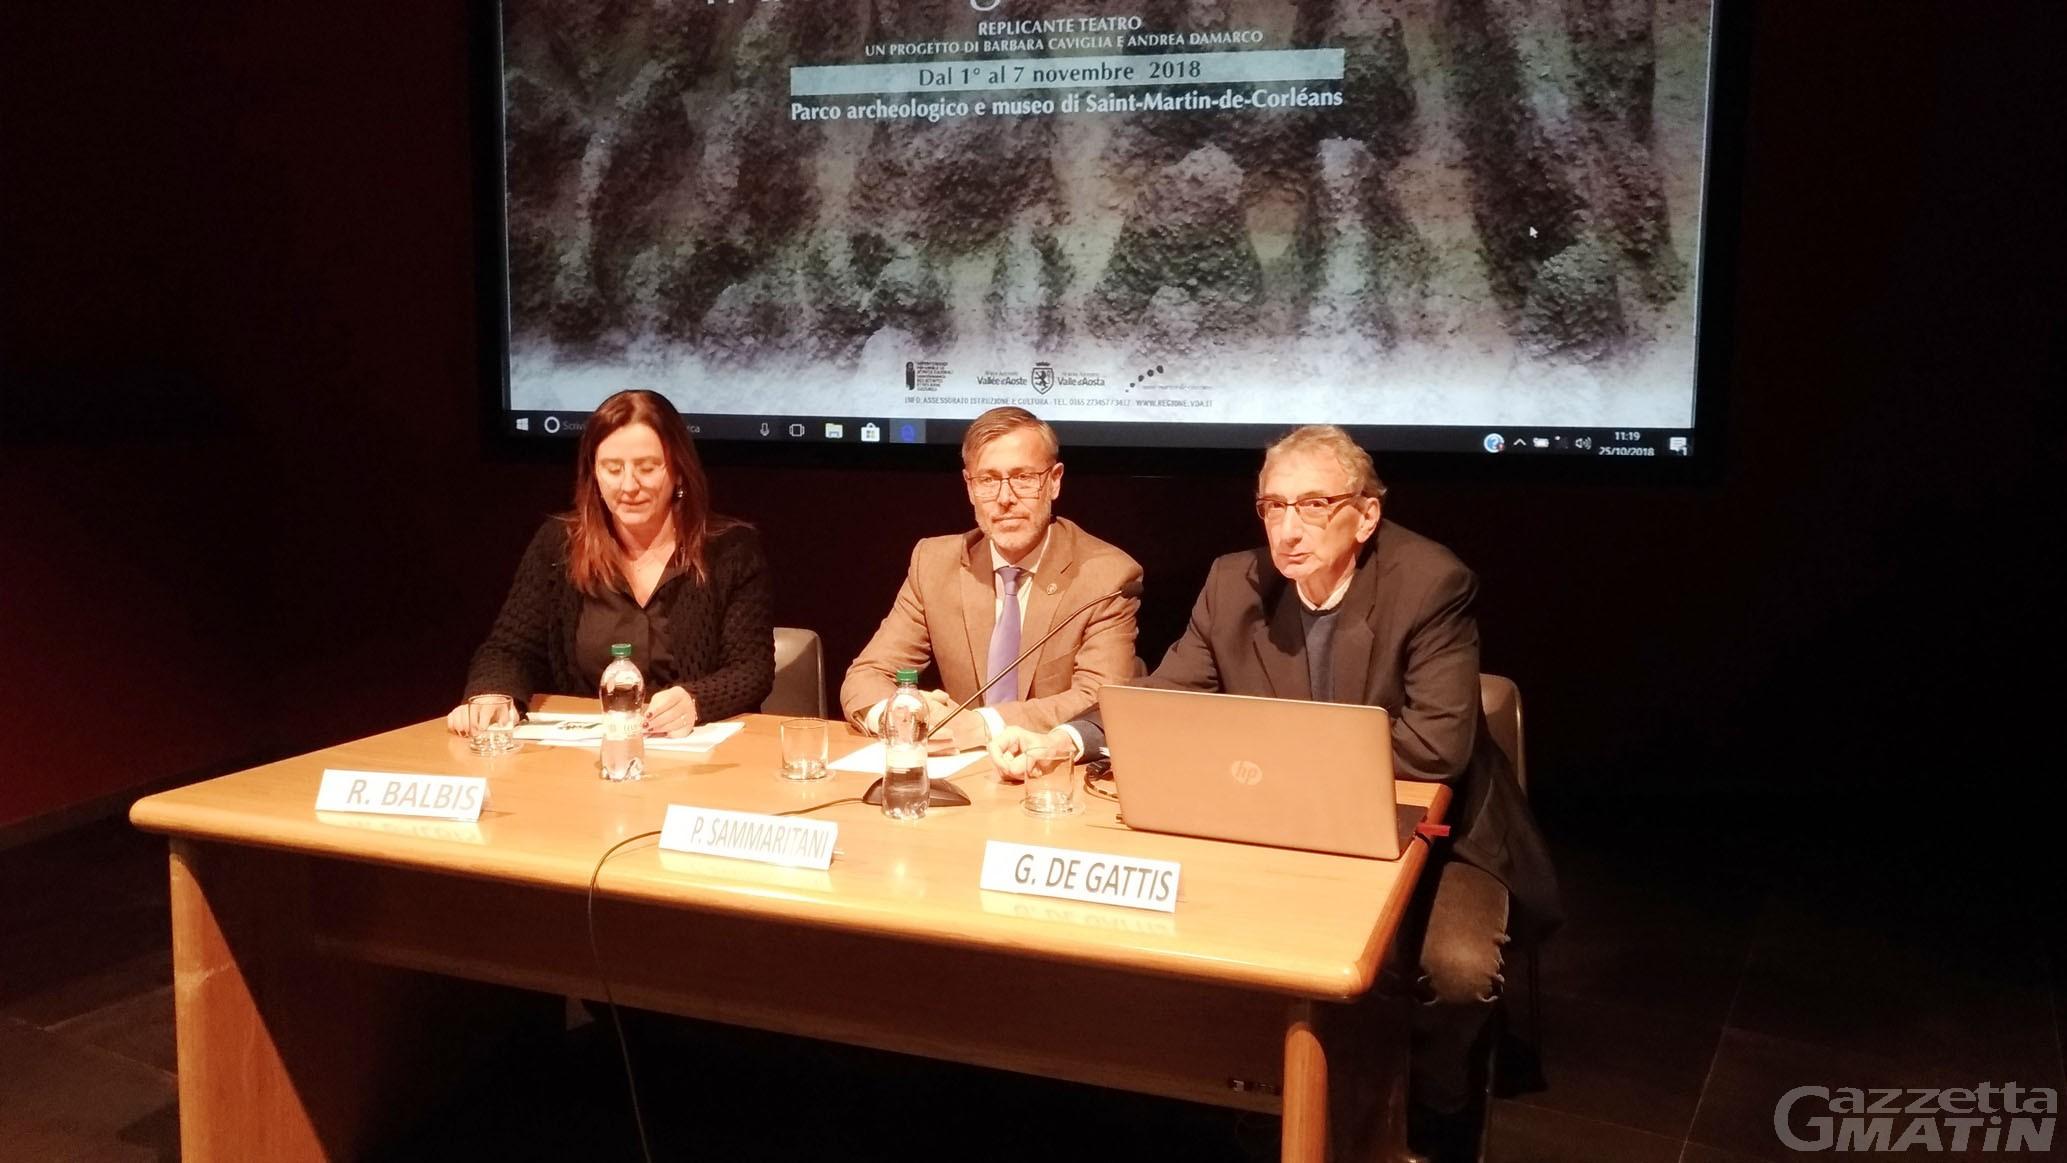 Teatro: l'area megalitica di Aosta si trasforma in palcoscenico